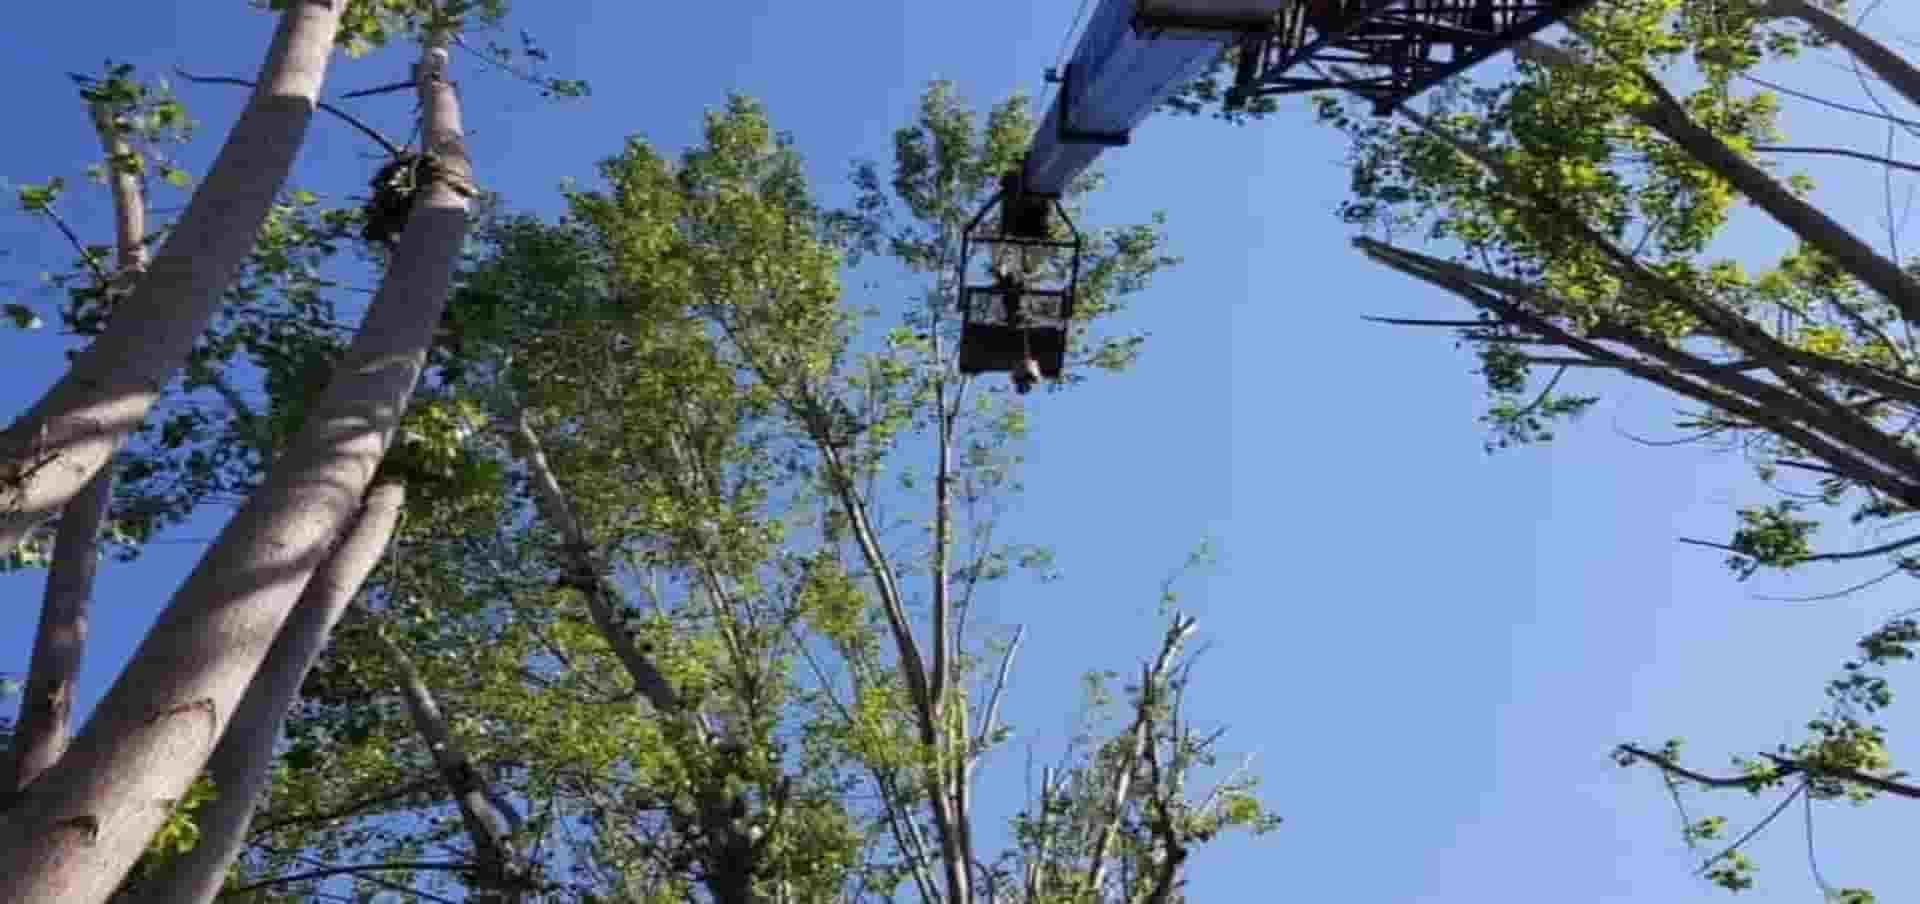 κόψιμο επικίνδυνα δέντρα κλάδεμα δέντρων